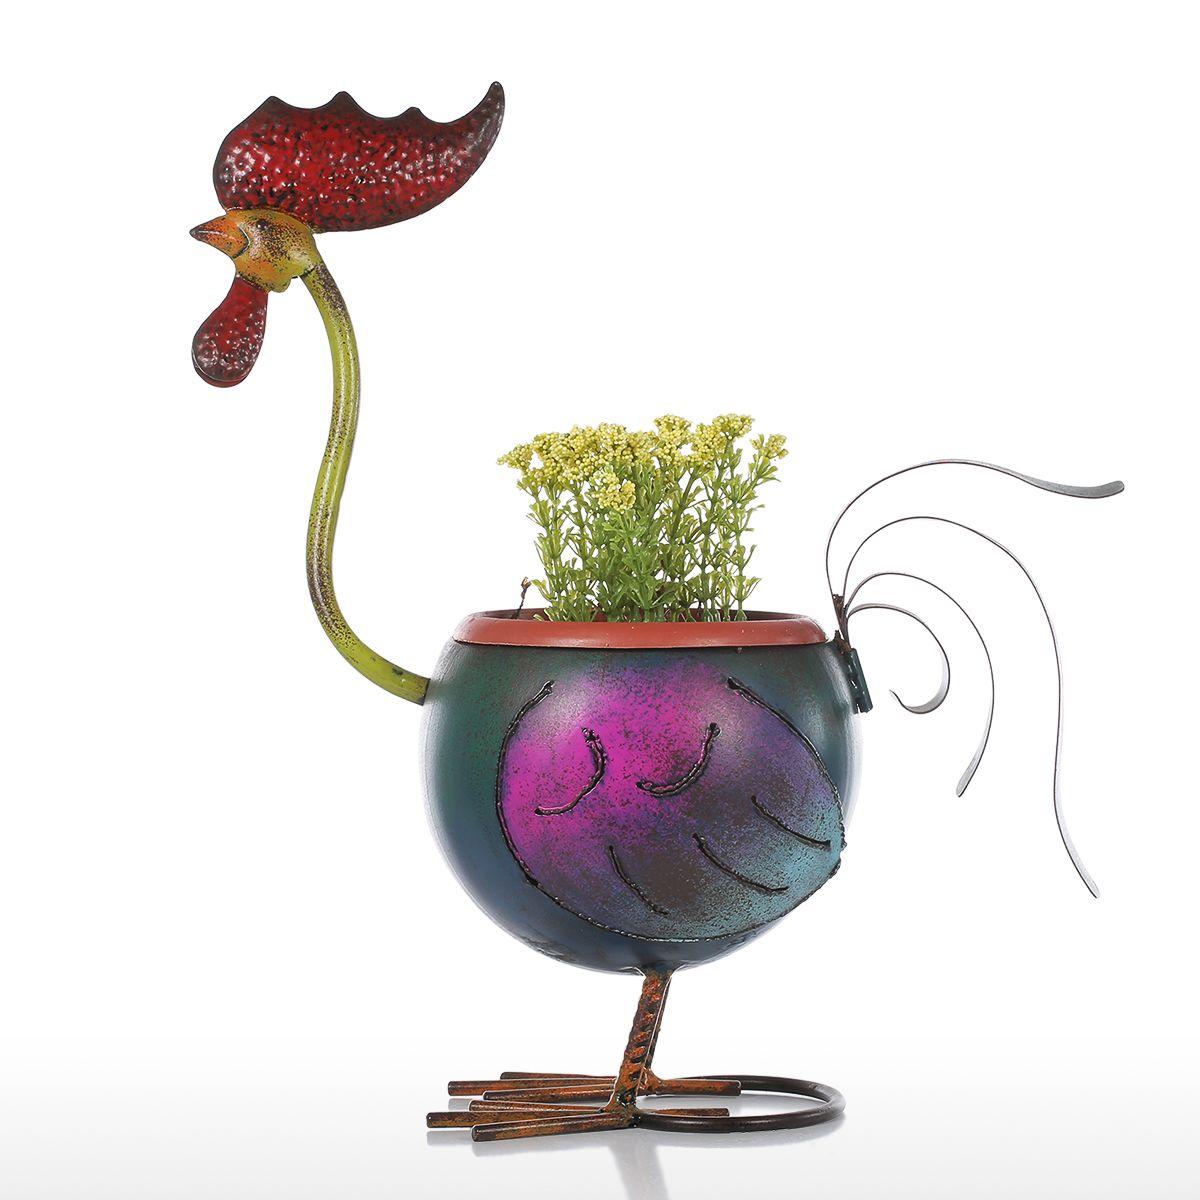 Rooster Flower Pot Garden Fower Pots Plastic Decoration Gift plant in pot Home Decoration Mini Pot Metal Multicolor|Flower Pots & Planters| |  - title=